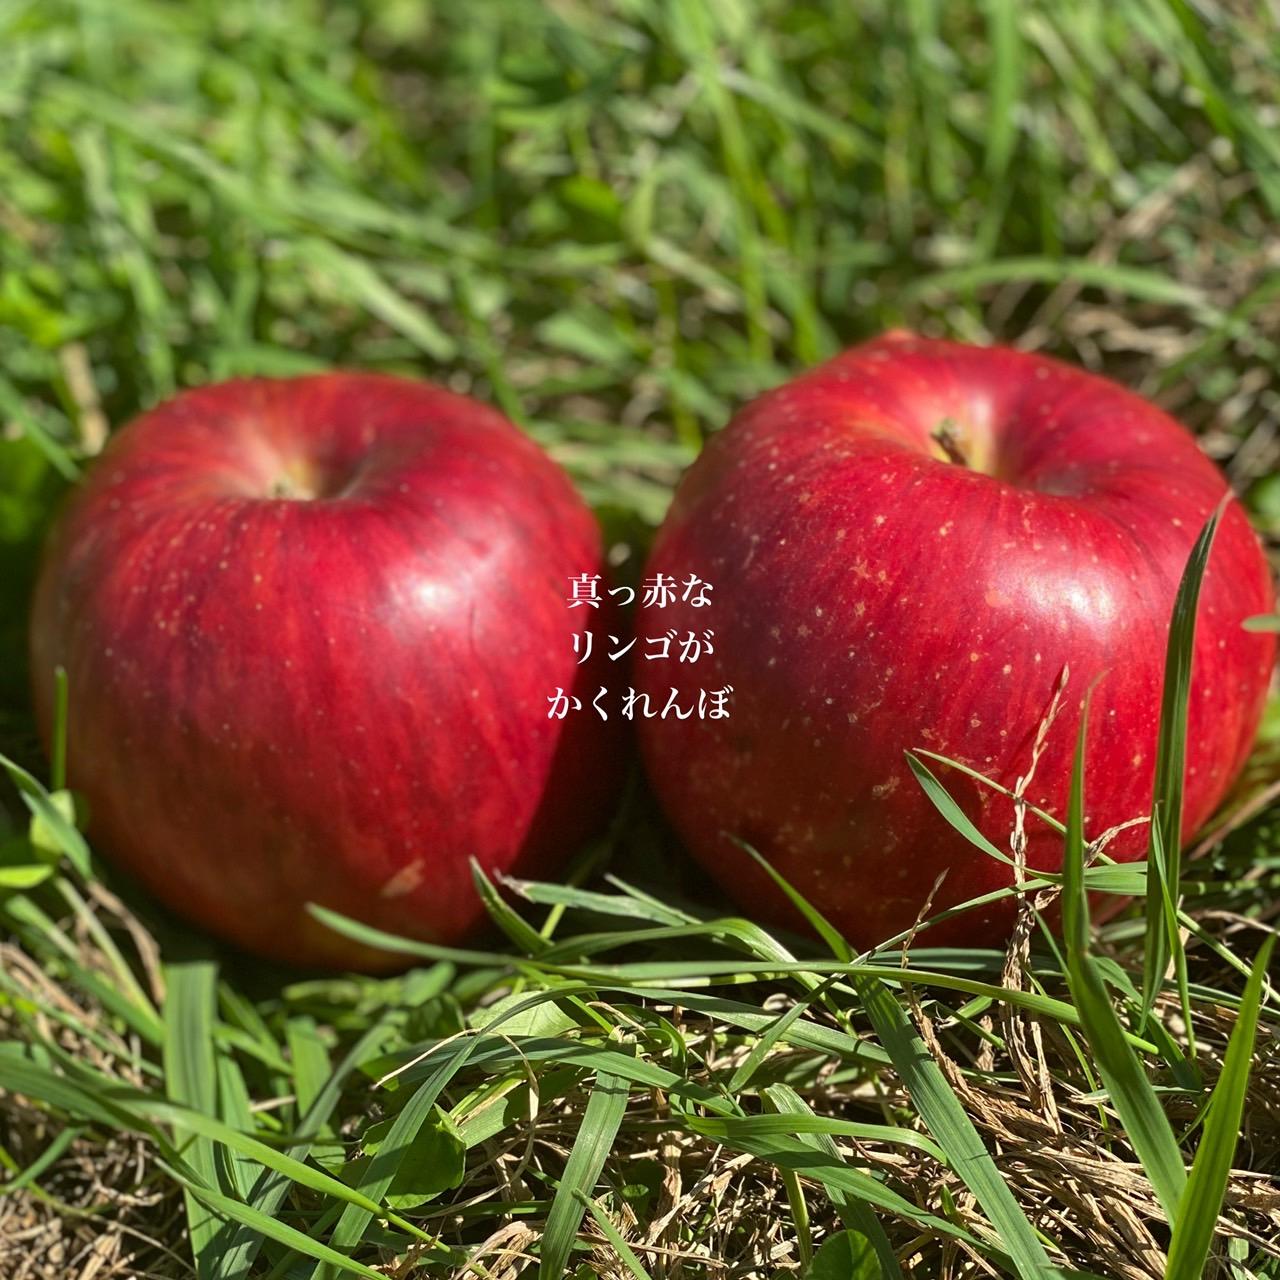 仲沢りんご園 信州りんご三兄弟の次男シナノスイート🍎 2.8kg(10~12個)